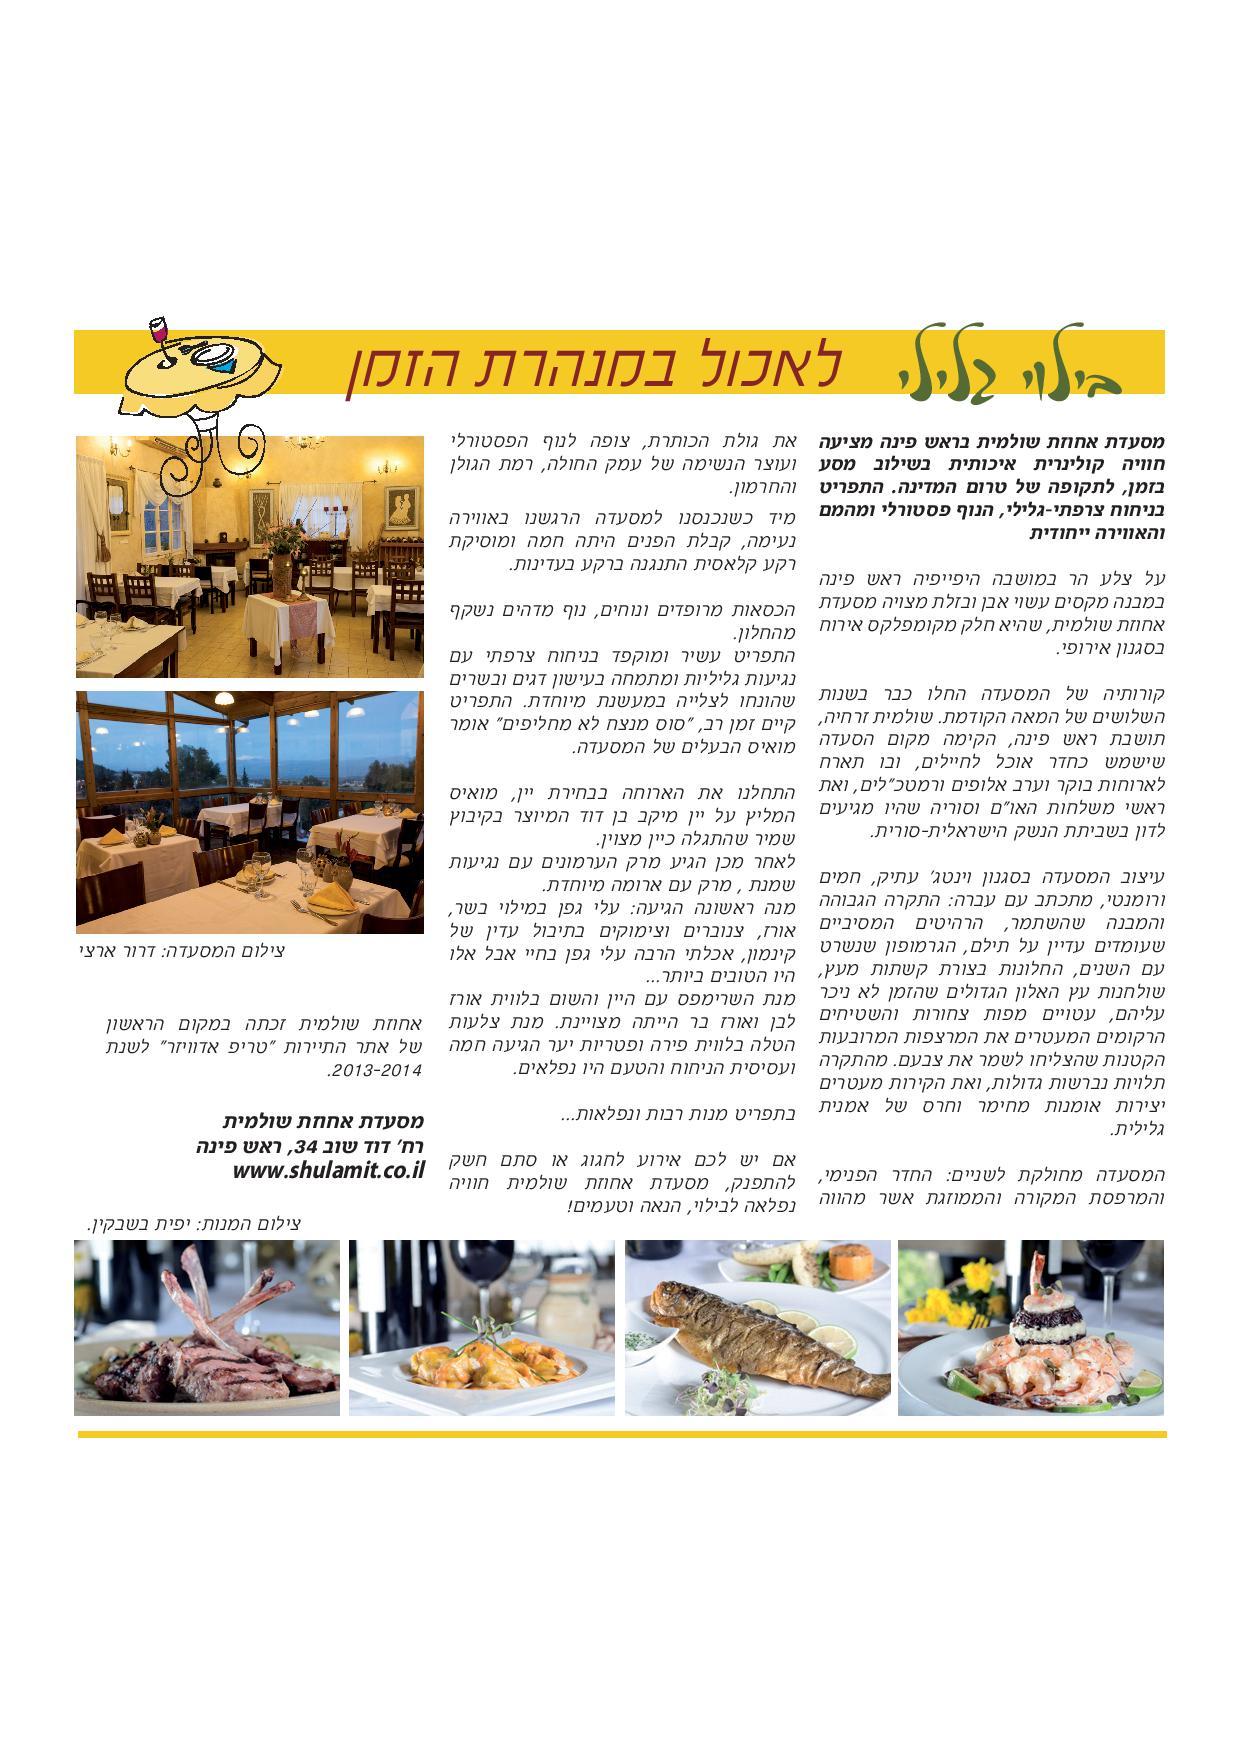 מגזין רוח גלילית-page-001.jpg